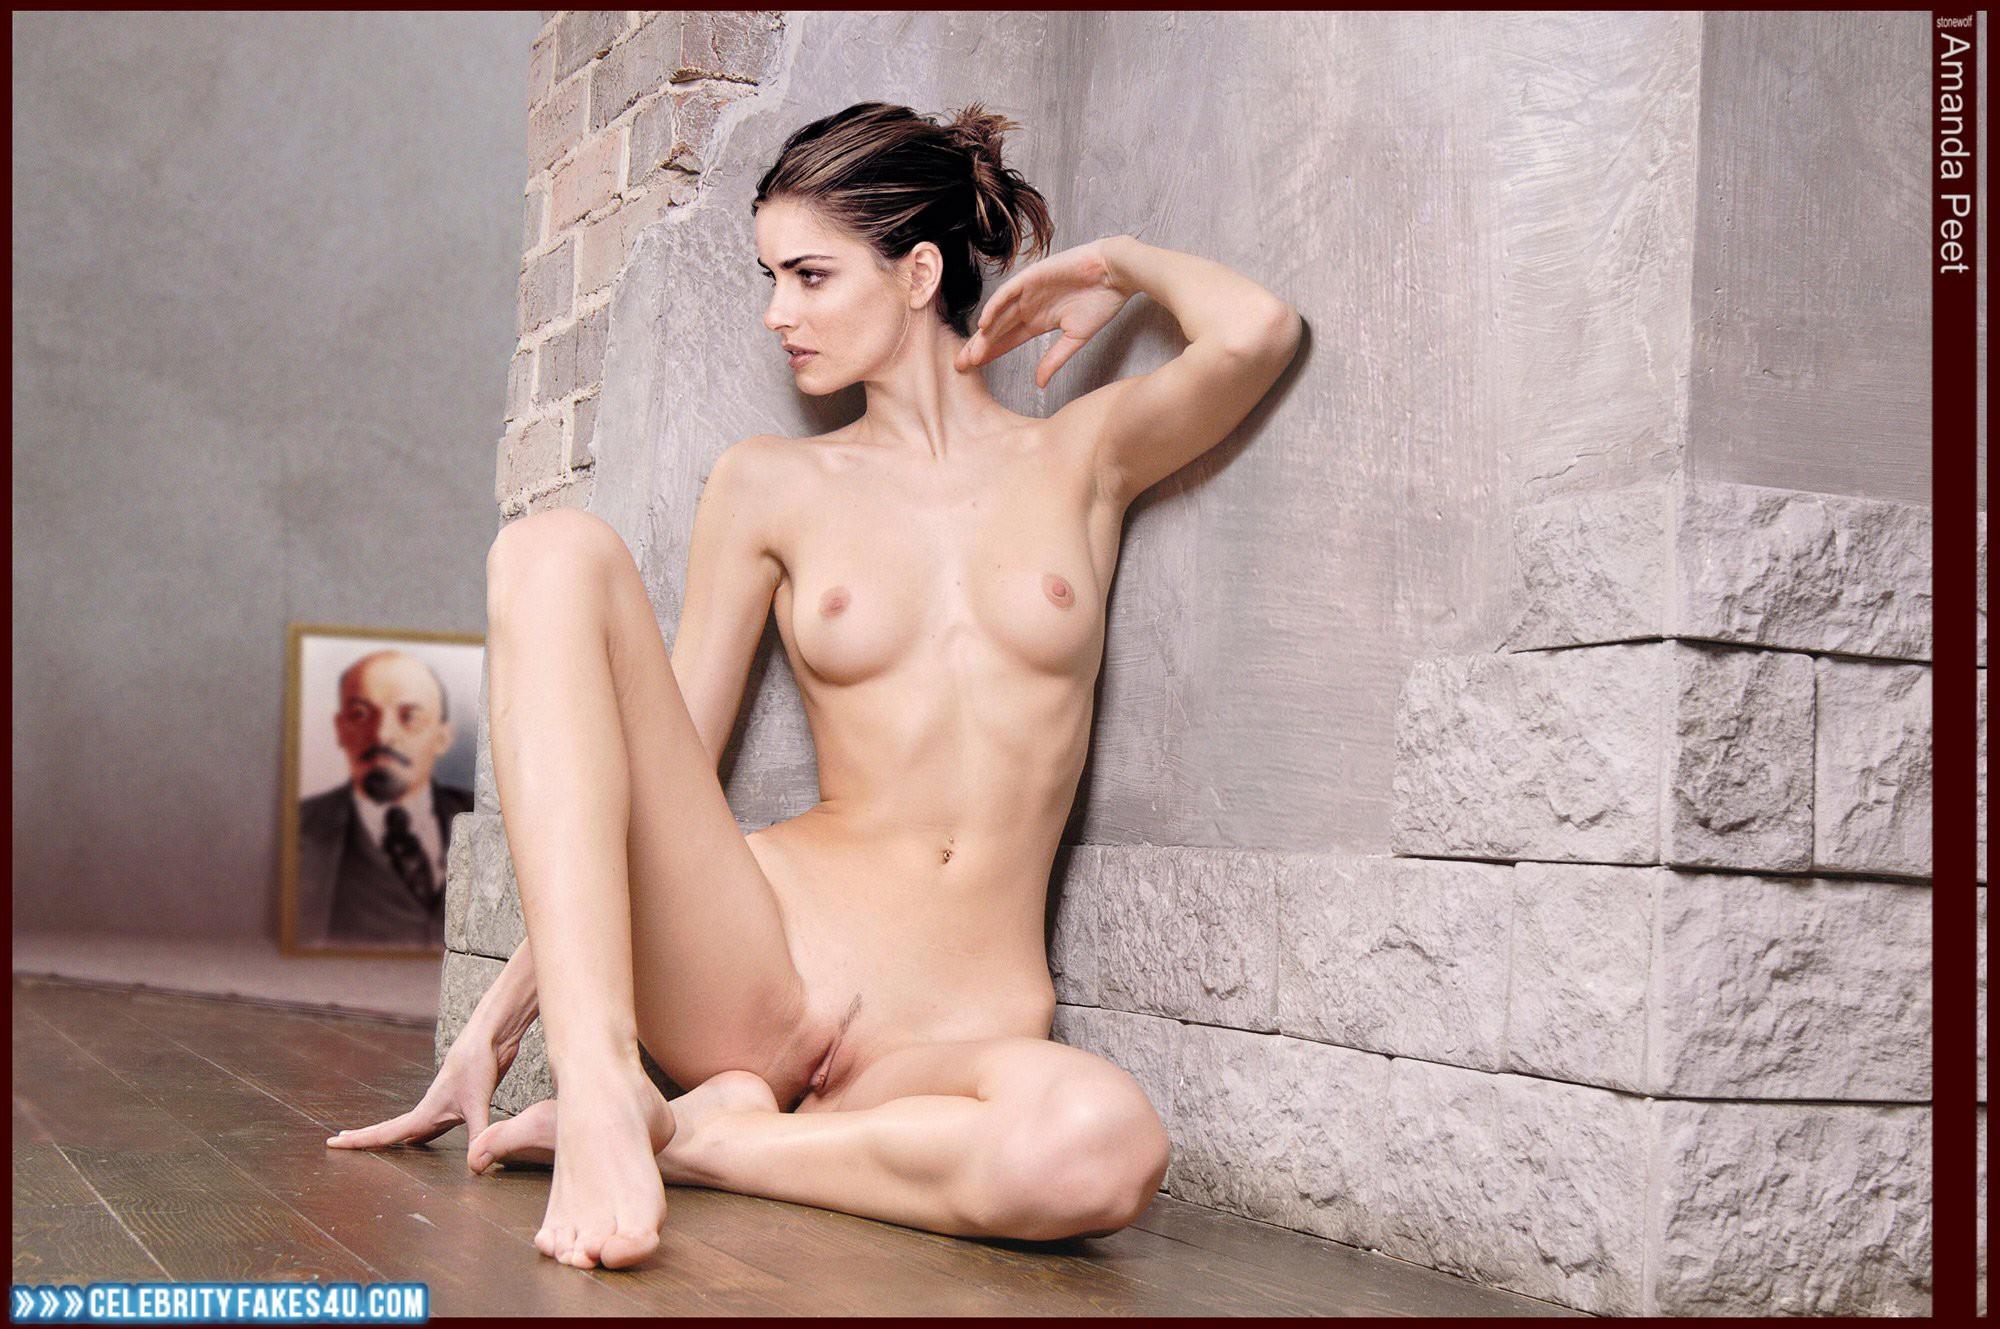 Amanda Peet Nude amanda peet boobs vagina nudes celebrityfakes u com gallery